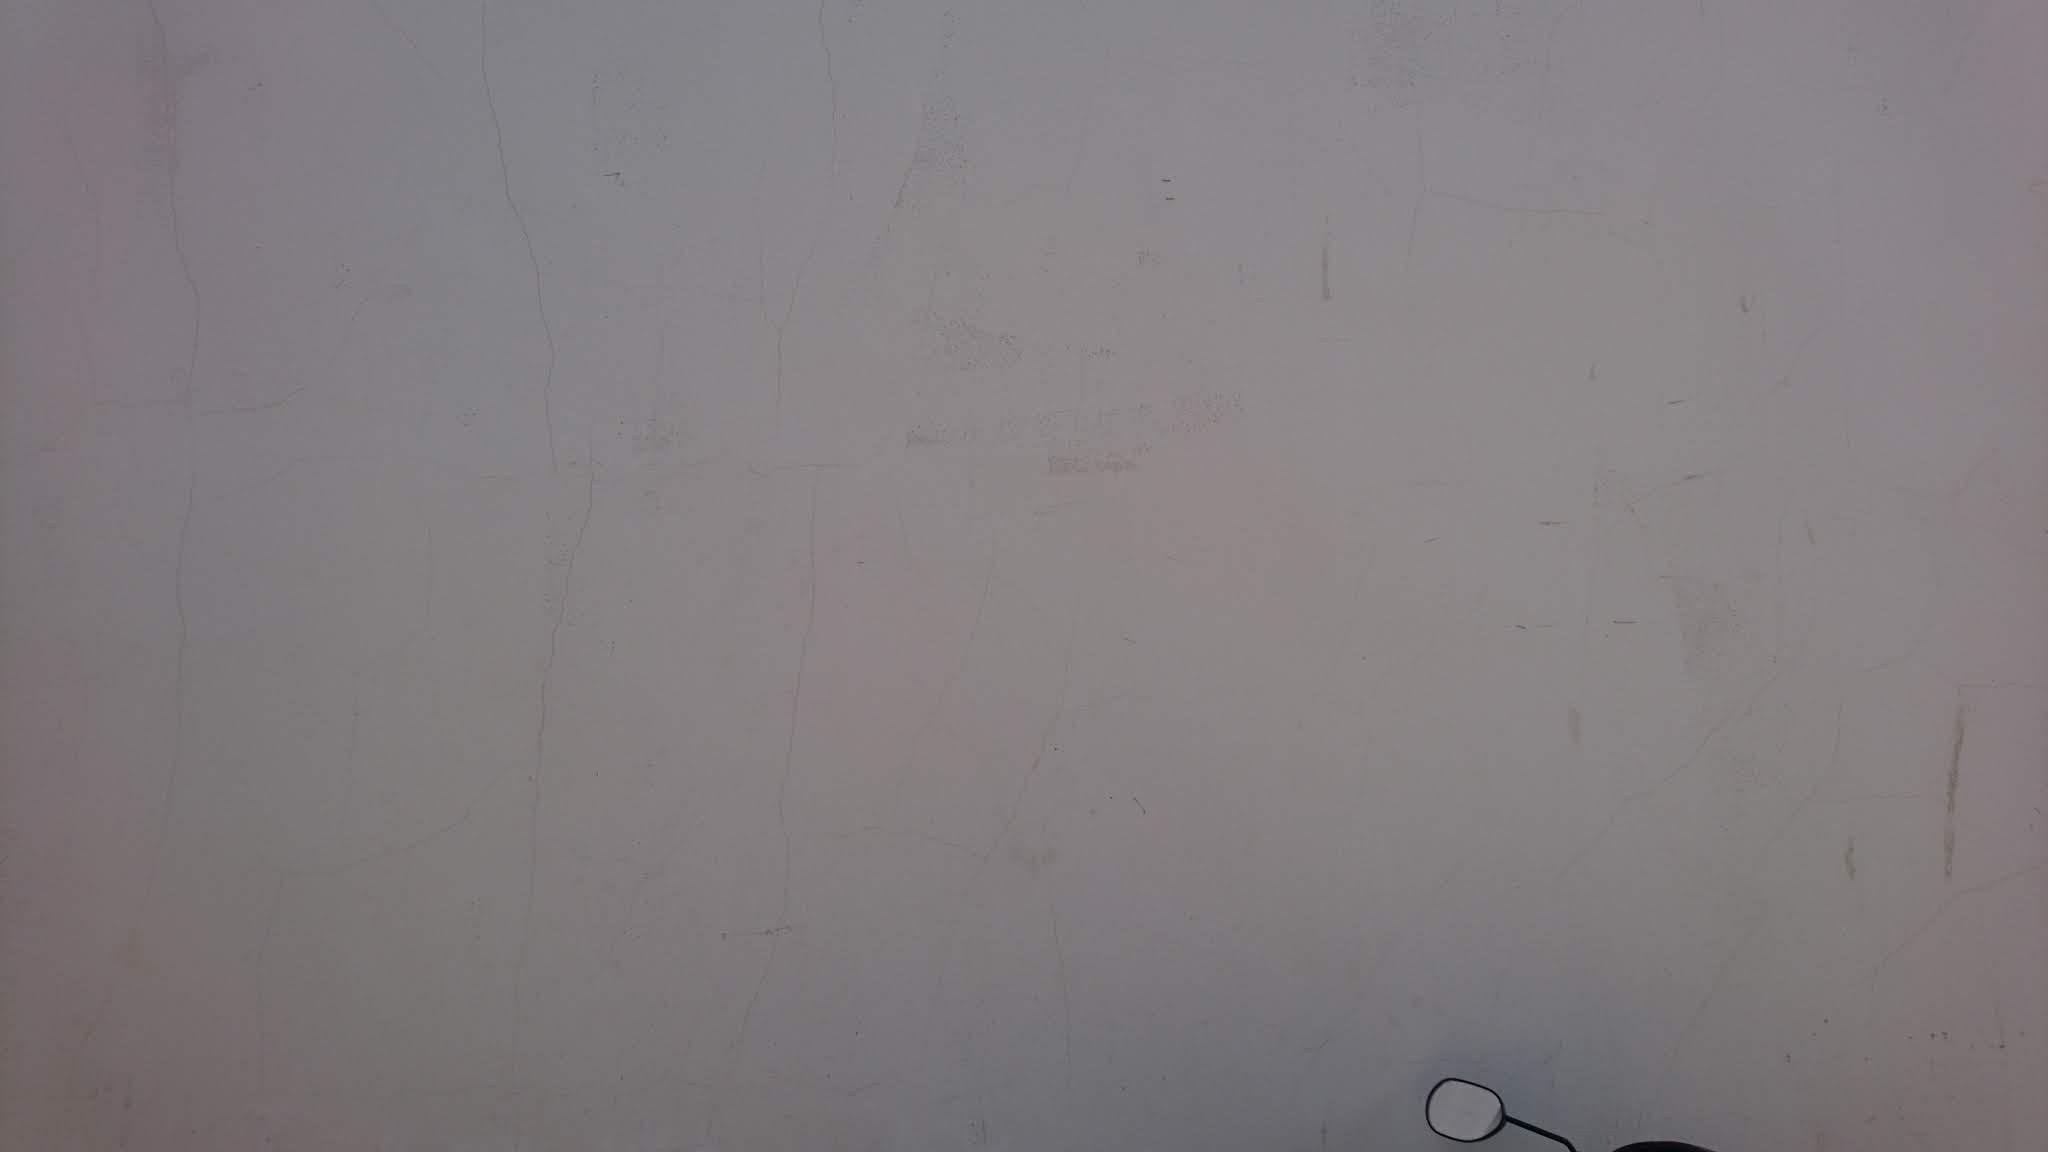 Các vệt ố tường trong nhà